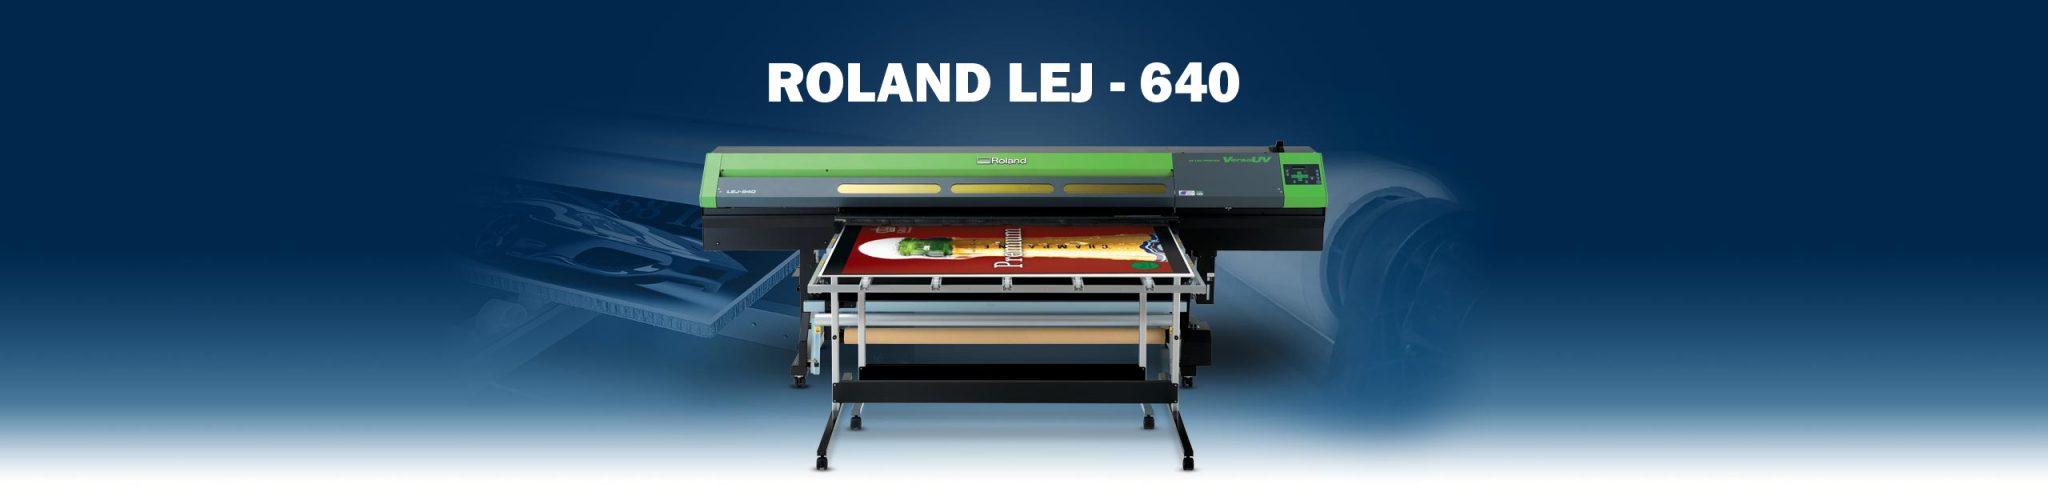 Roland LEJ-640 banner